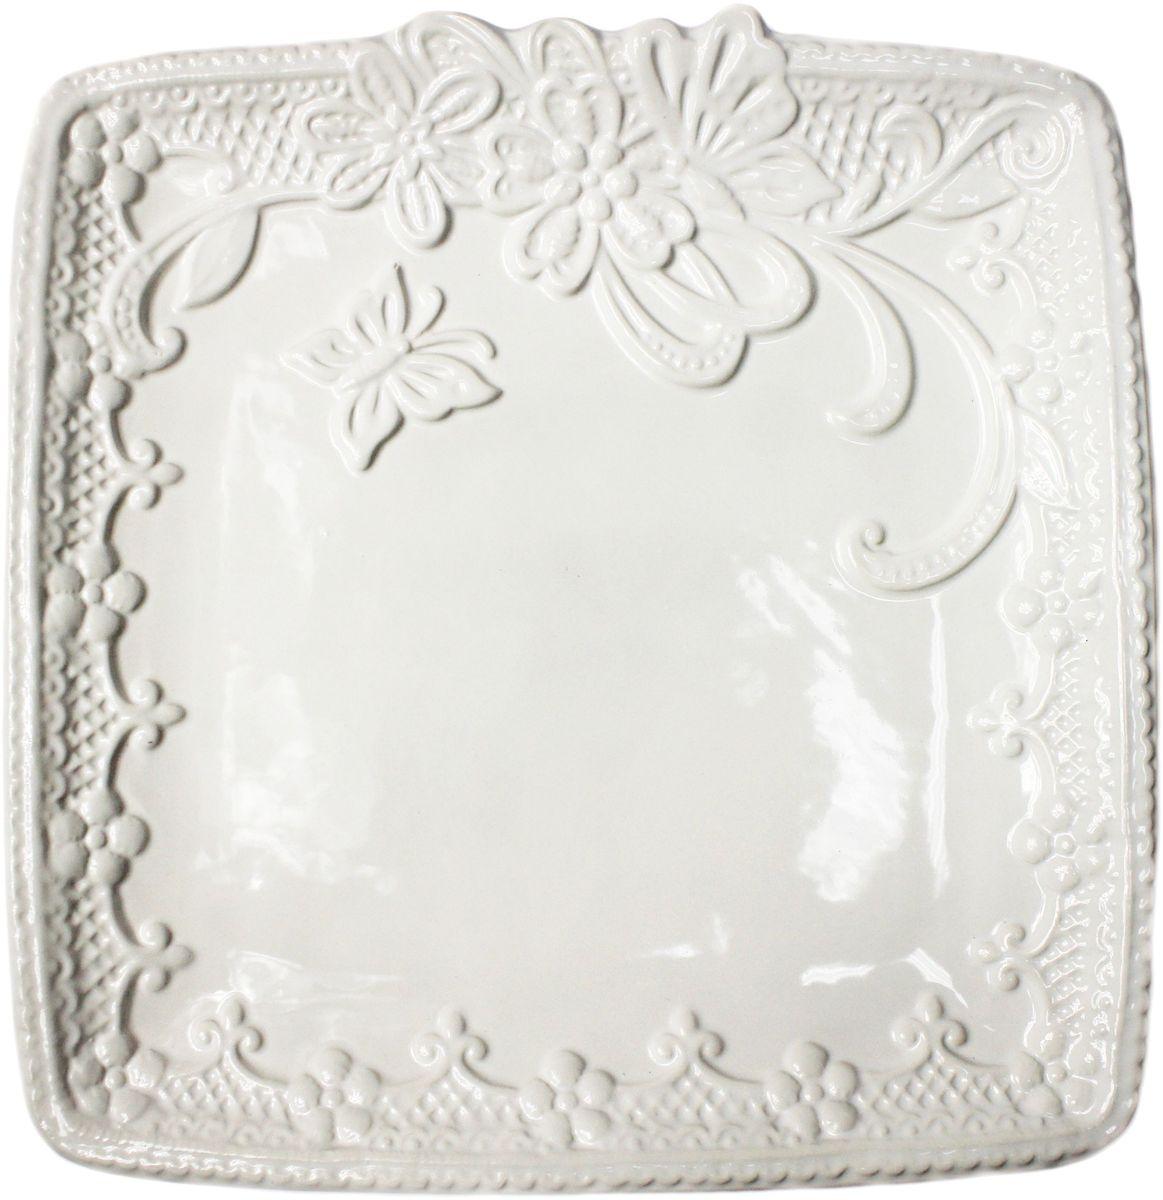 Тарелка Vetta Бабочка, квадратная, 25 х 25 смFS-91909Тарелка Бабочка, выполненная из высококачественной керамики белого цвета, украшена рельефным рисунком в виде узоров, бабочек и цветов. Такая тарелка прекрасно подойдет как для торжественных случаев, так и для повседневного использования. Идеальна для подачи вторых блюд. Тарелка Бабочка прекрасно оформит стол и станет отличным дополнением к вашей коллекции кухонной посуды.